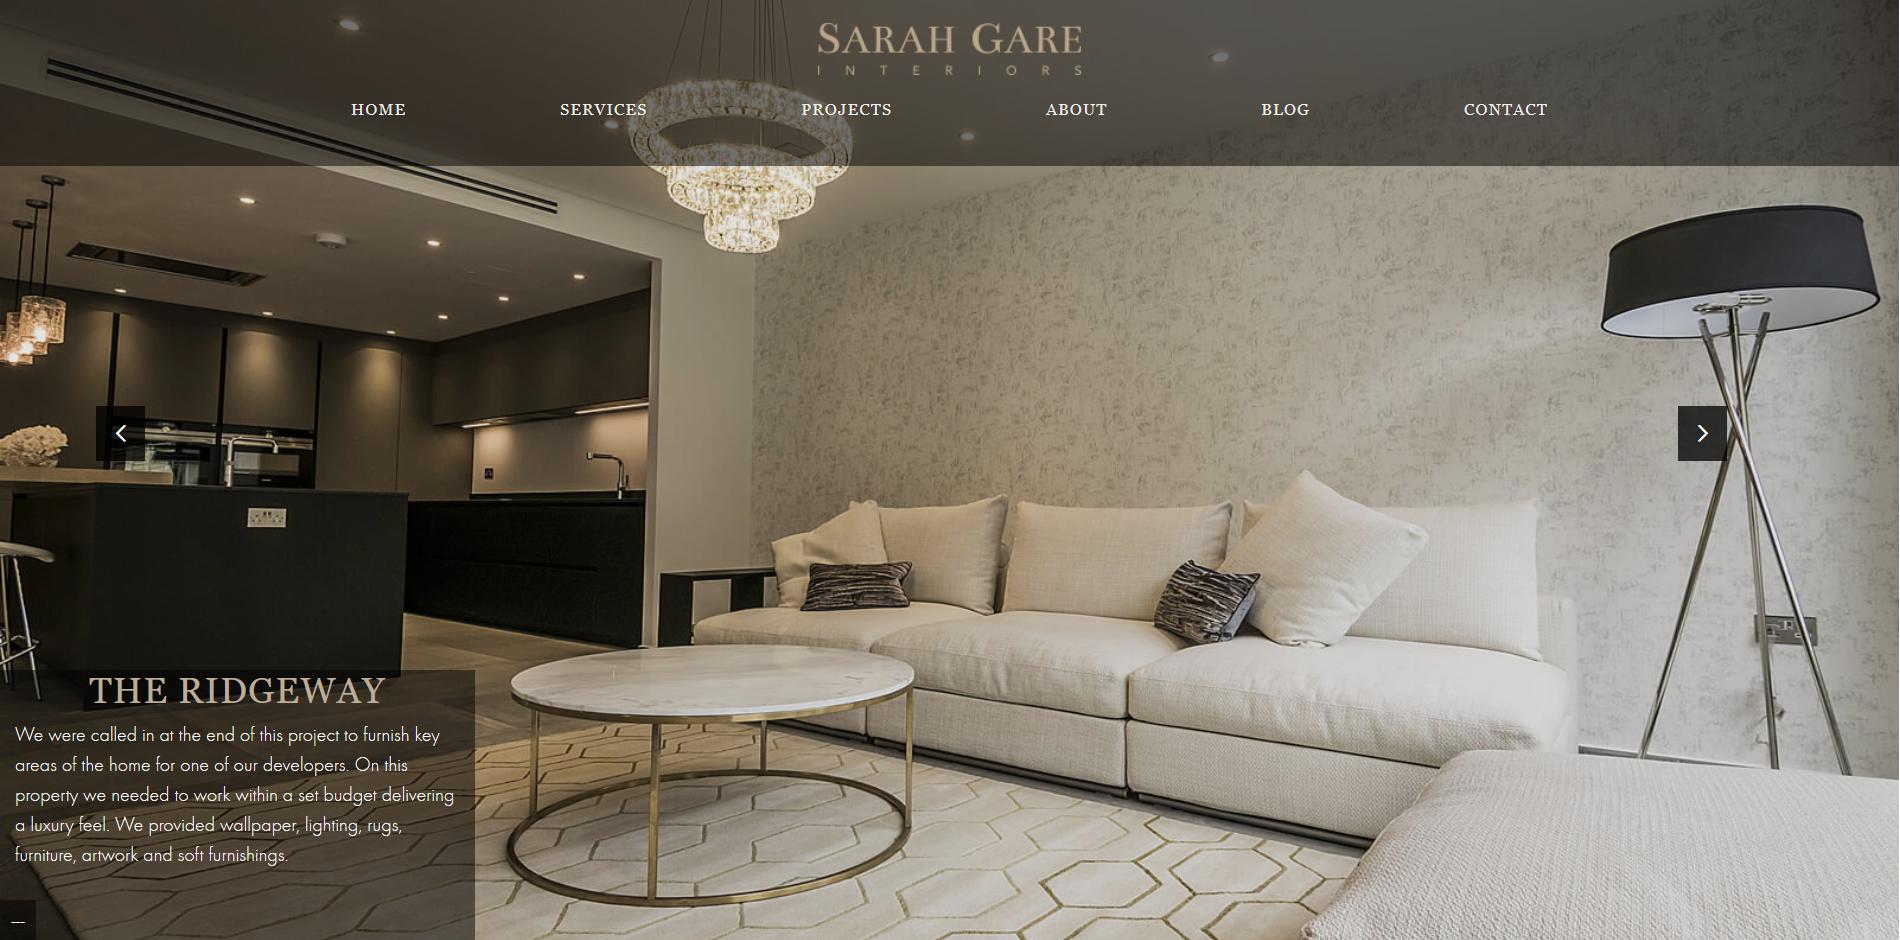 Sarah Gare interiors Portfolio Page2